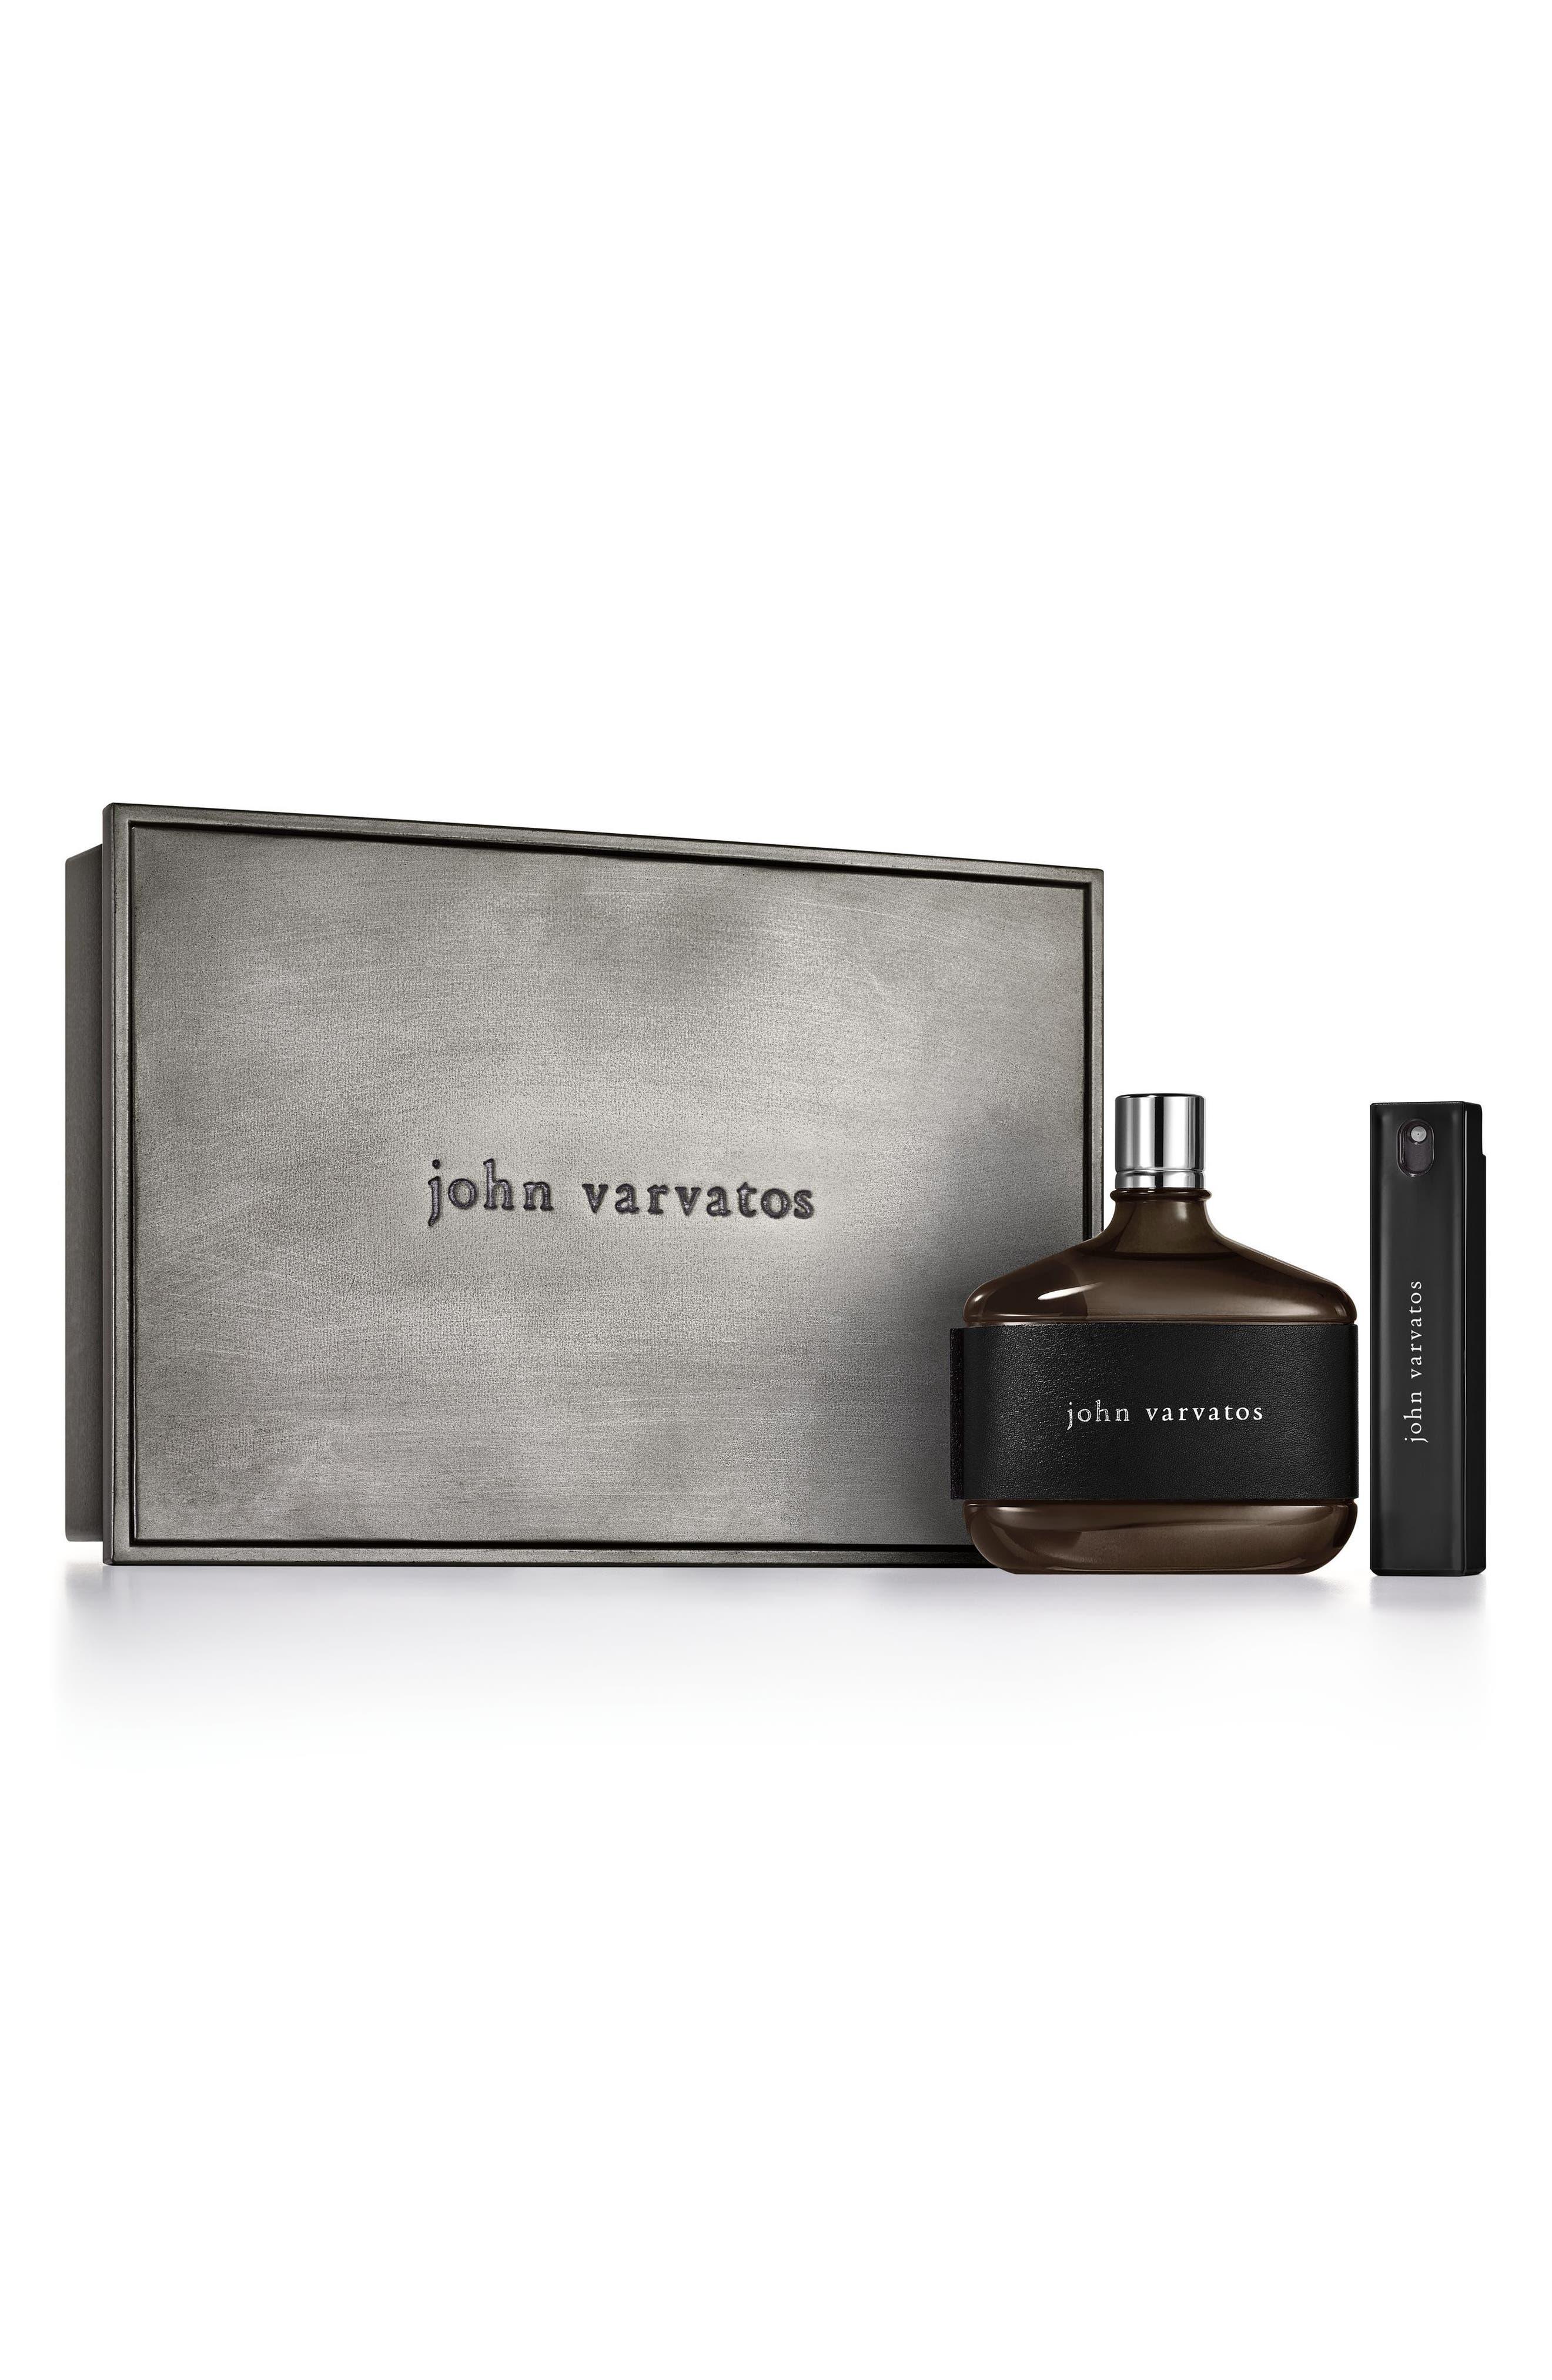 John Varvatos Eau De Toilette Set ($119 Value)